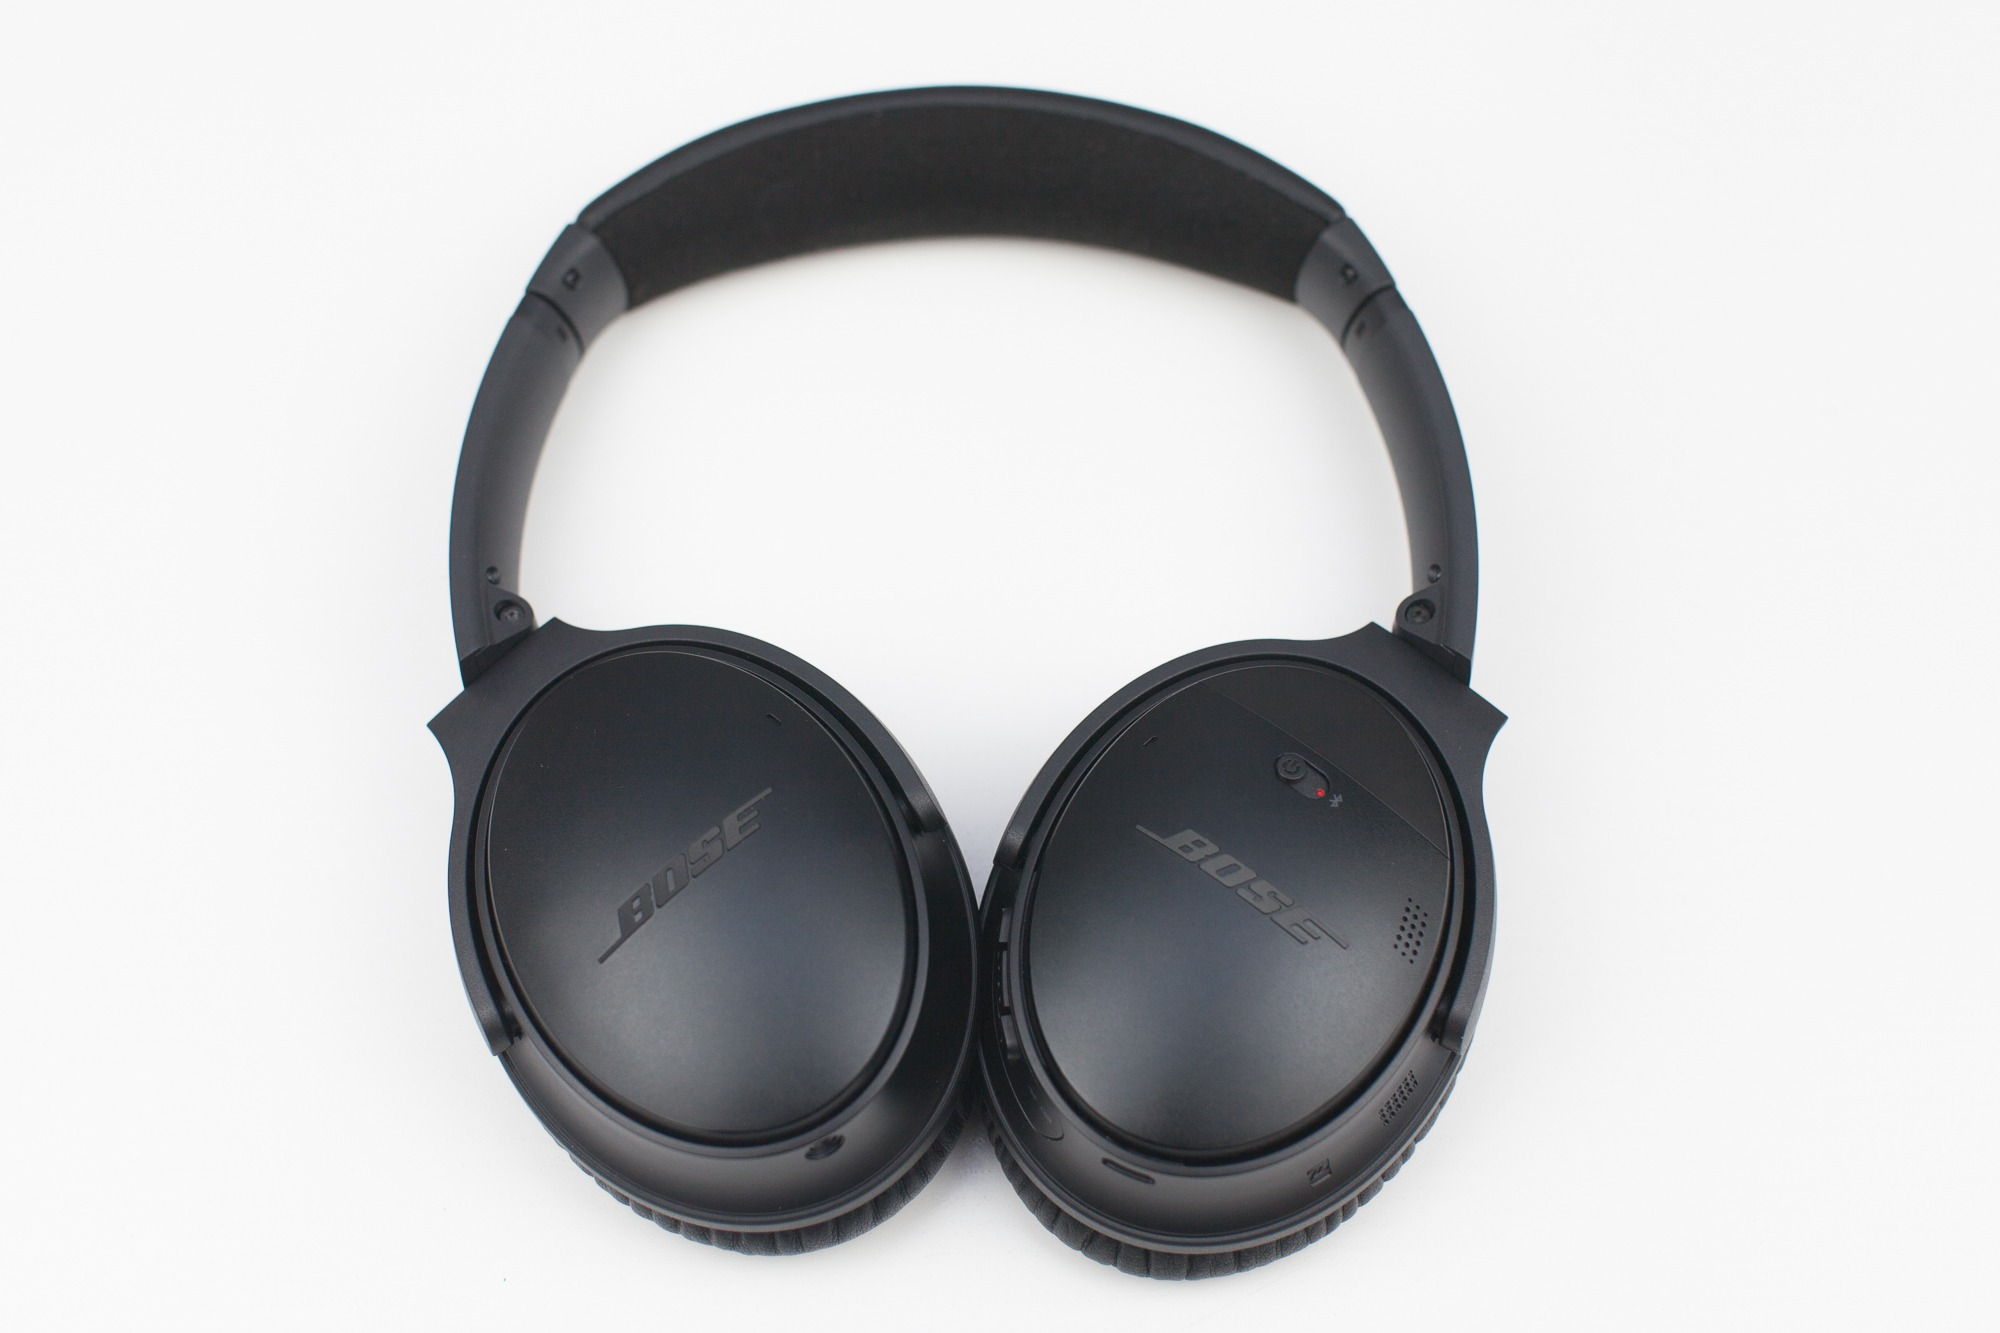 design-casque-qc35-1